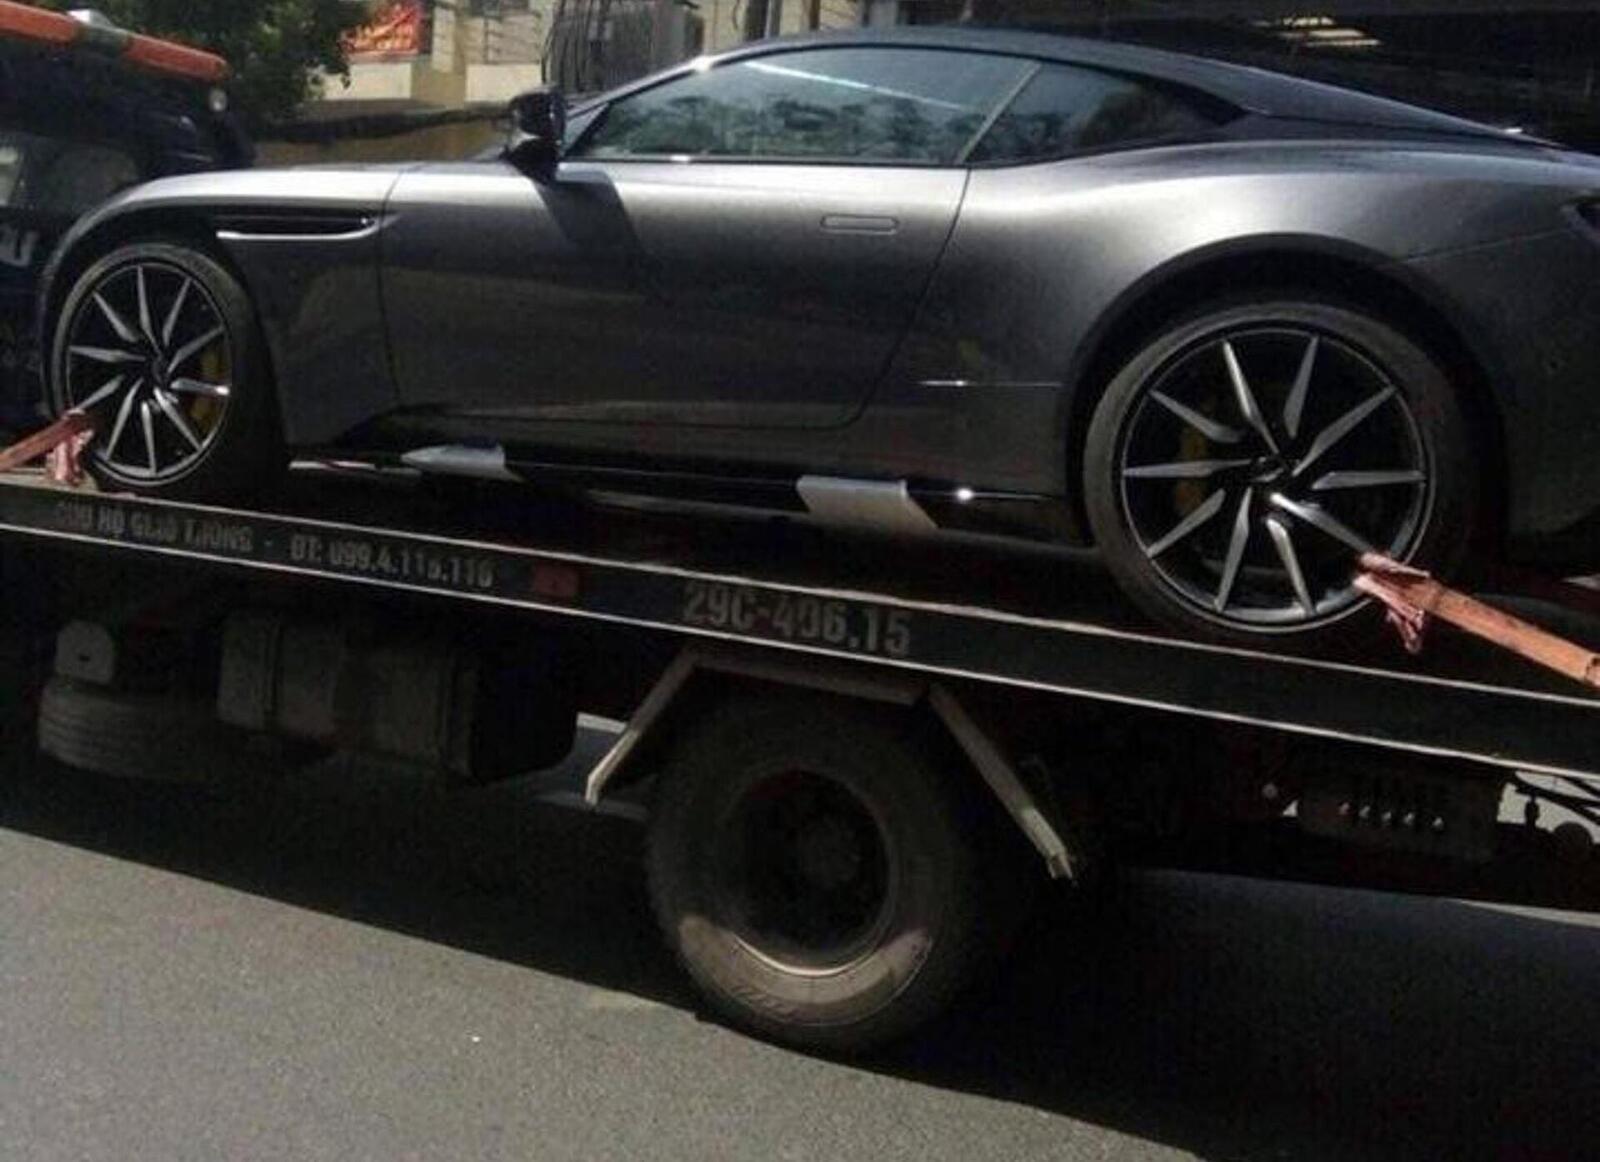 Siêu xe Aston Martin DB11 về Việt Nam; xe nhập chính hãng - Hình 3